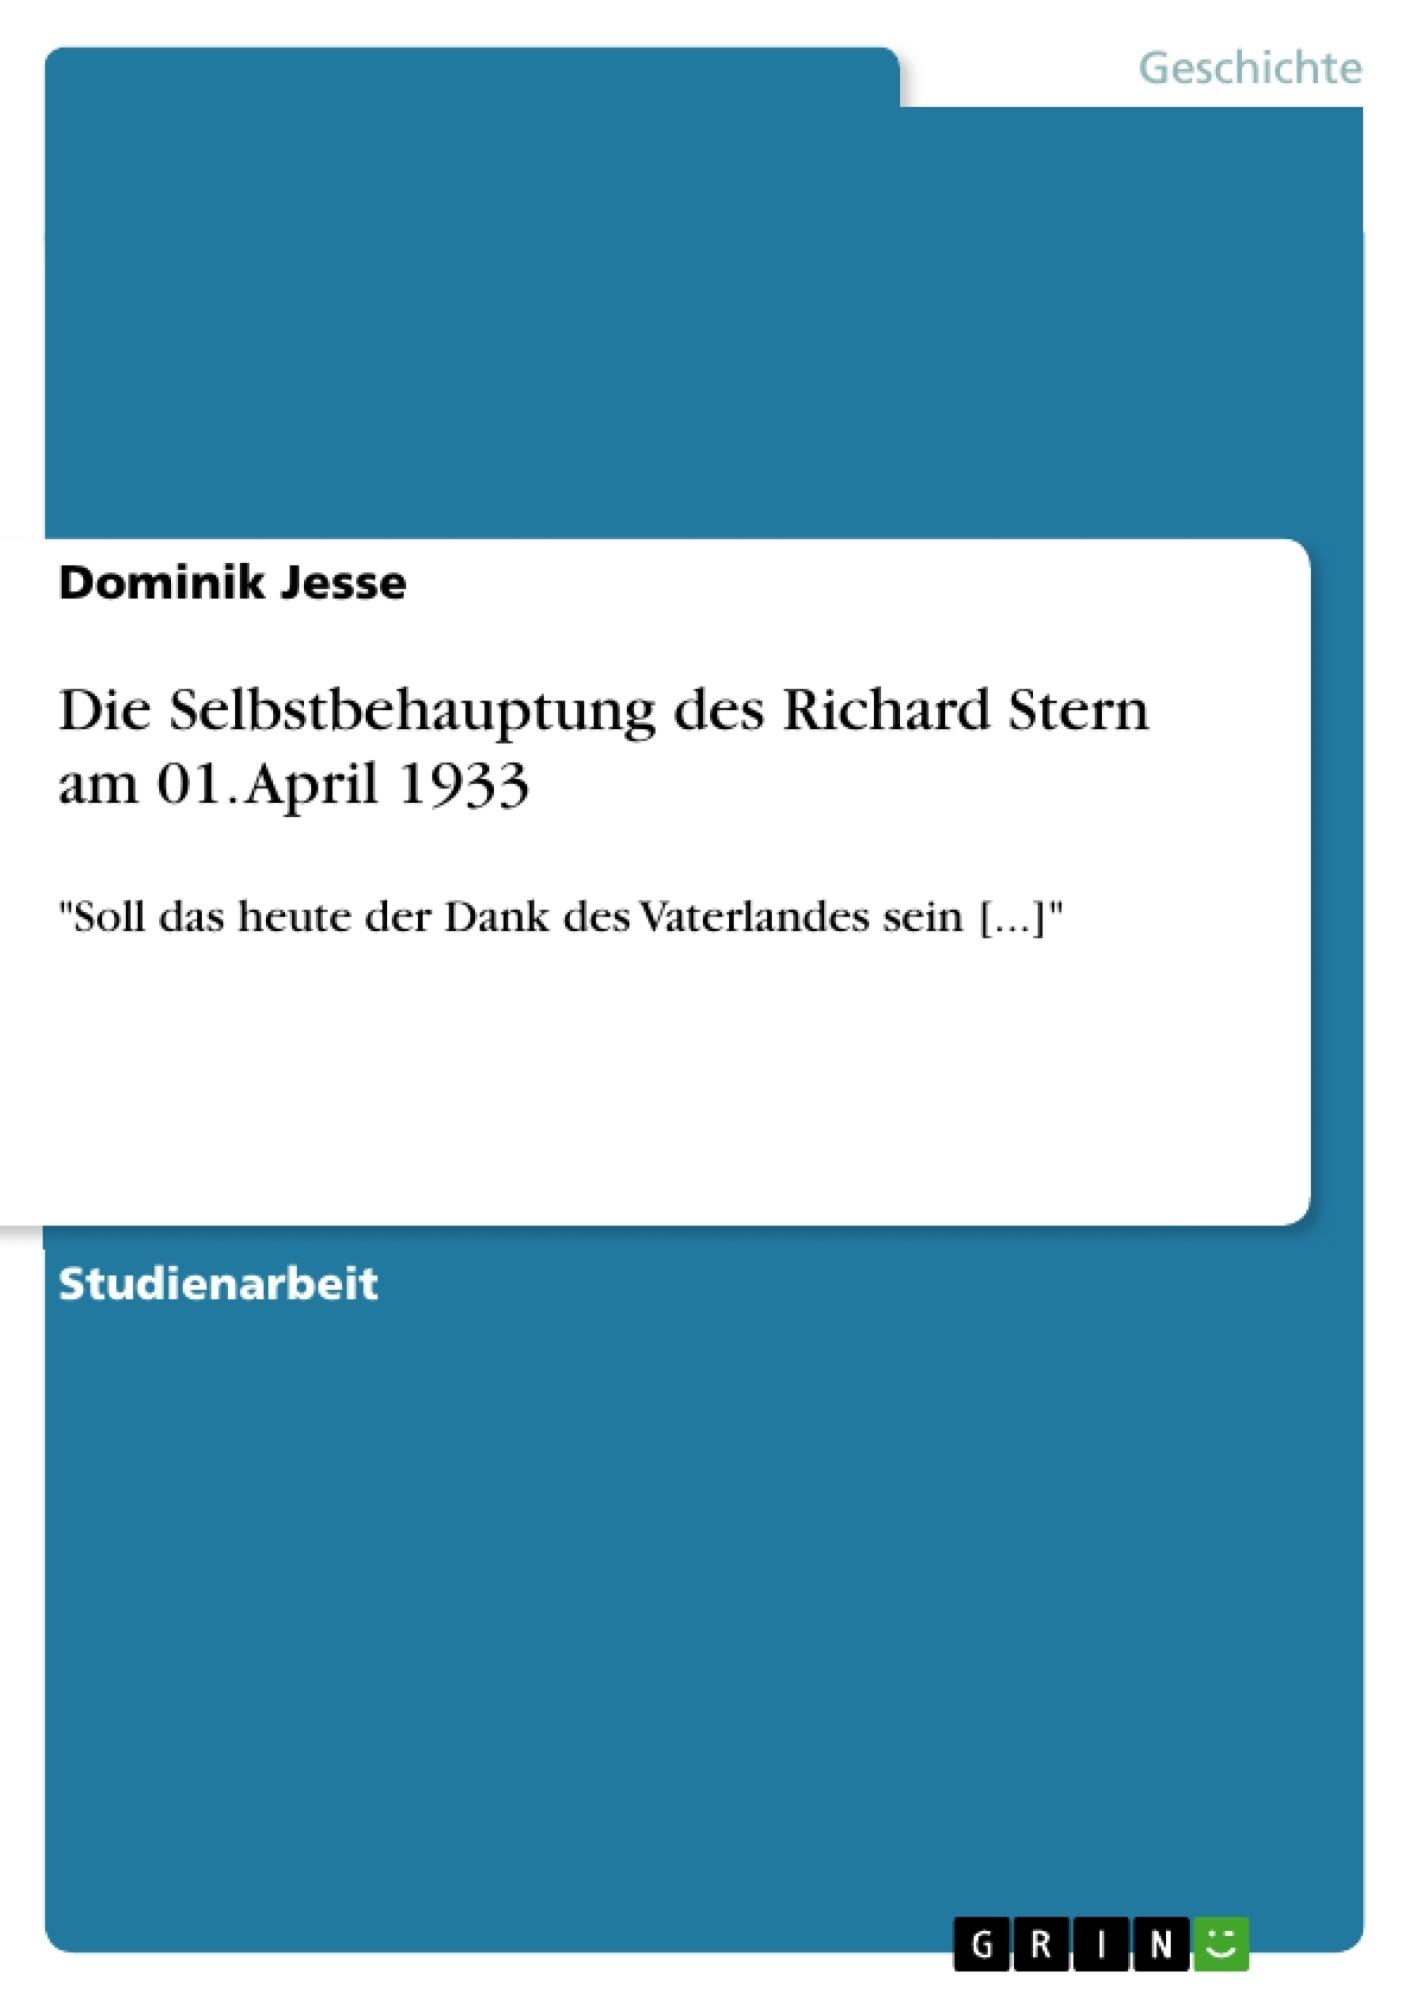 Titel: Die Selbstbehauptung des Richard Stern am 01. April 1933